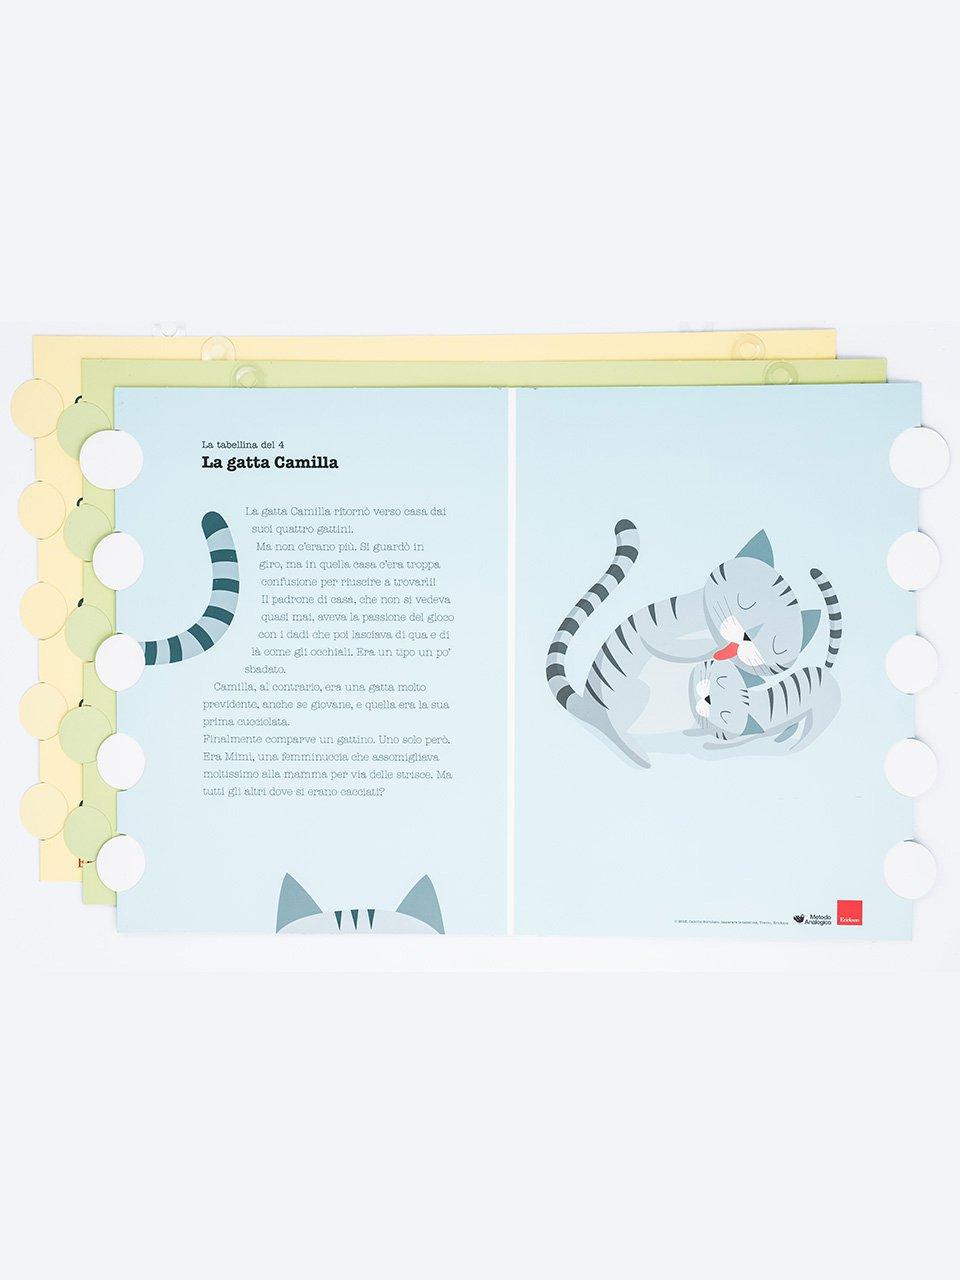 Imparare le tabelline - Cartelloni murali - Strumenti - Erickson 2